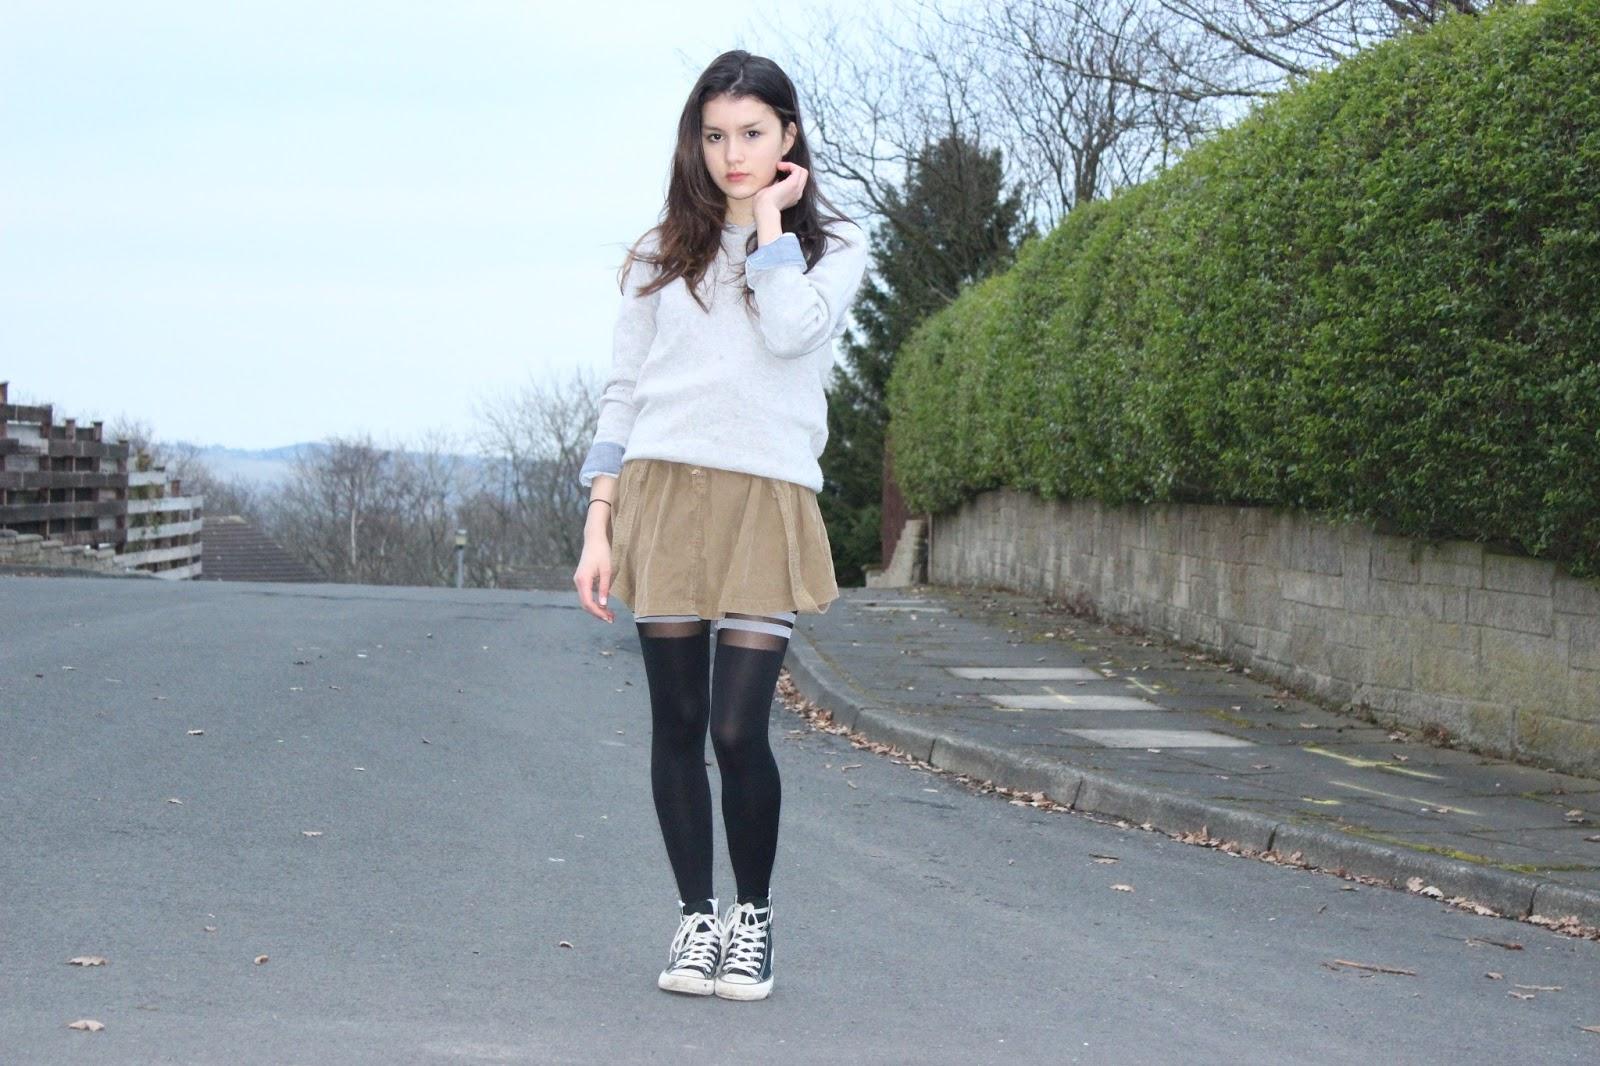 Jumper dresses for girls